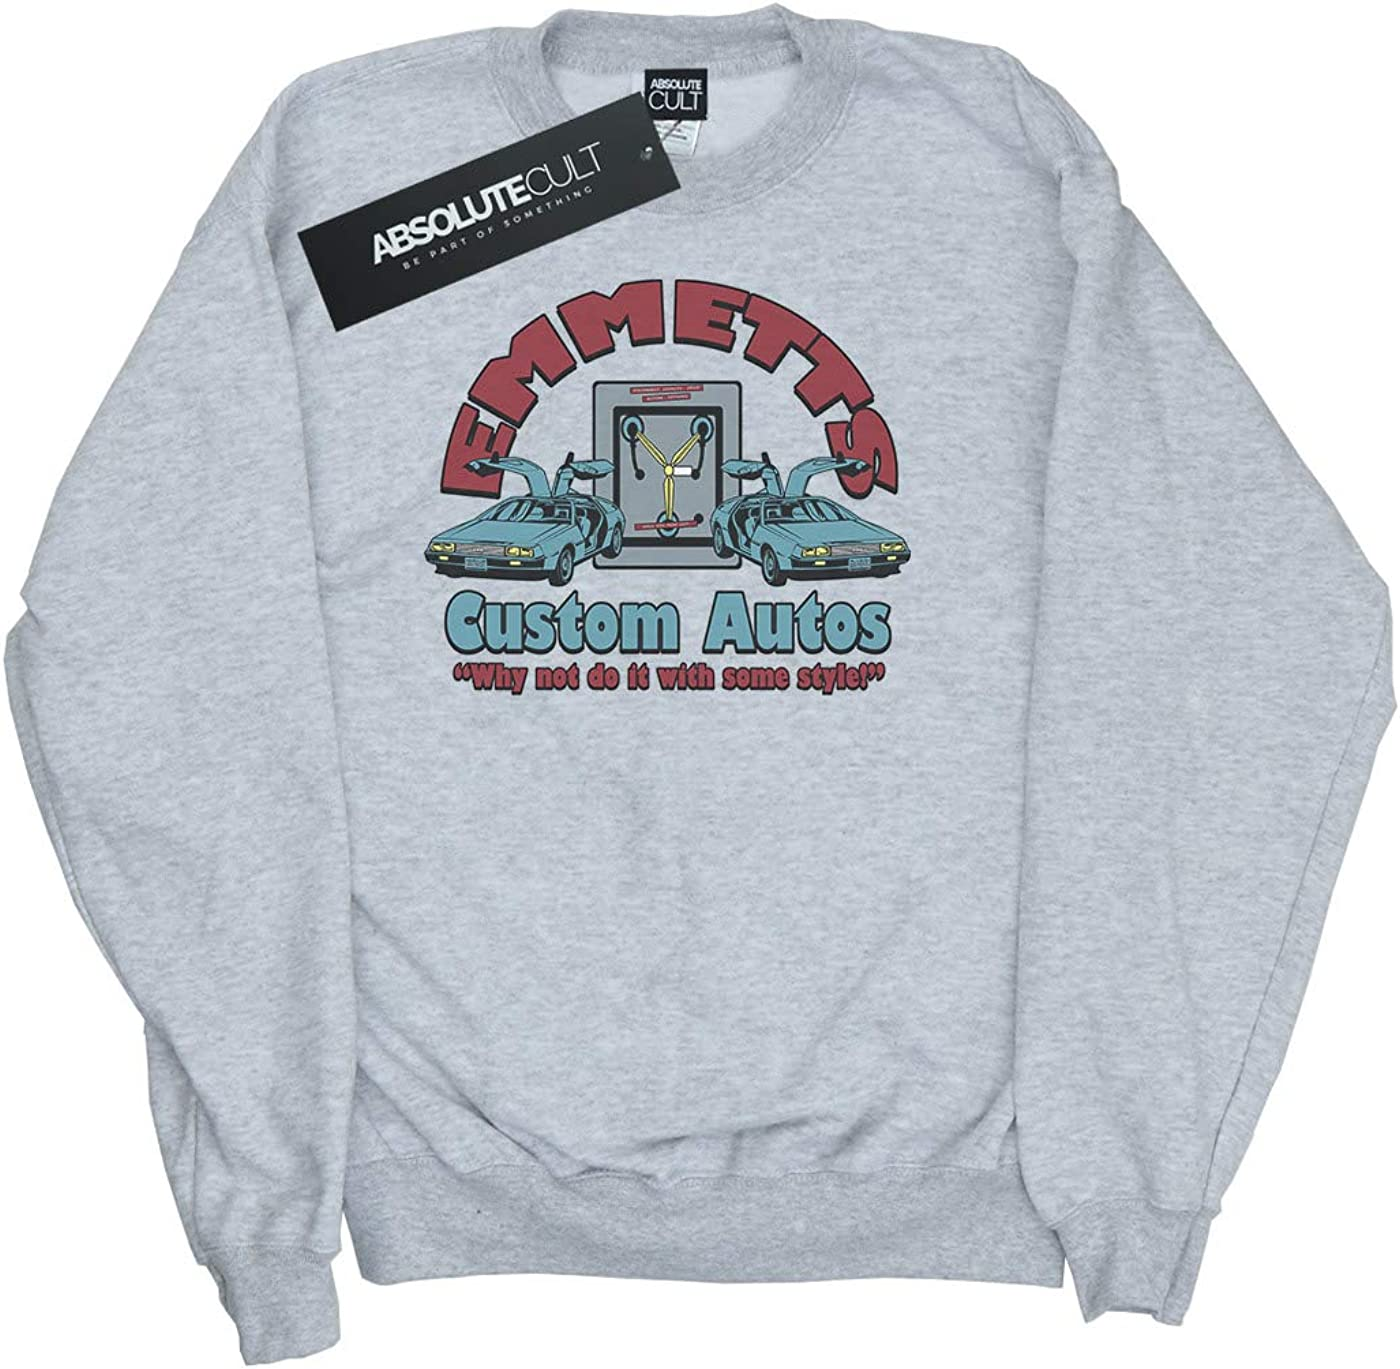 ABSOLUTECULT Alex Chenery Girls Emmetts Autos Sweatshirt